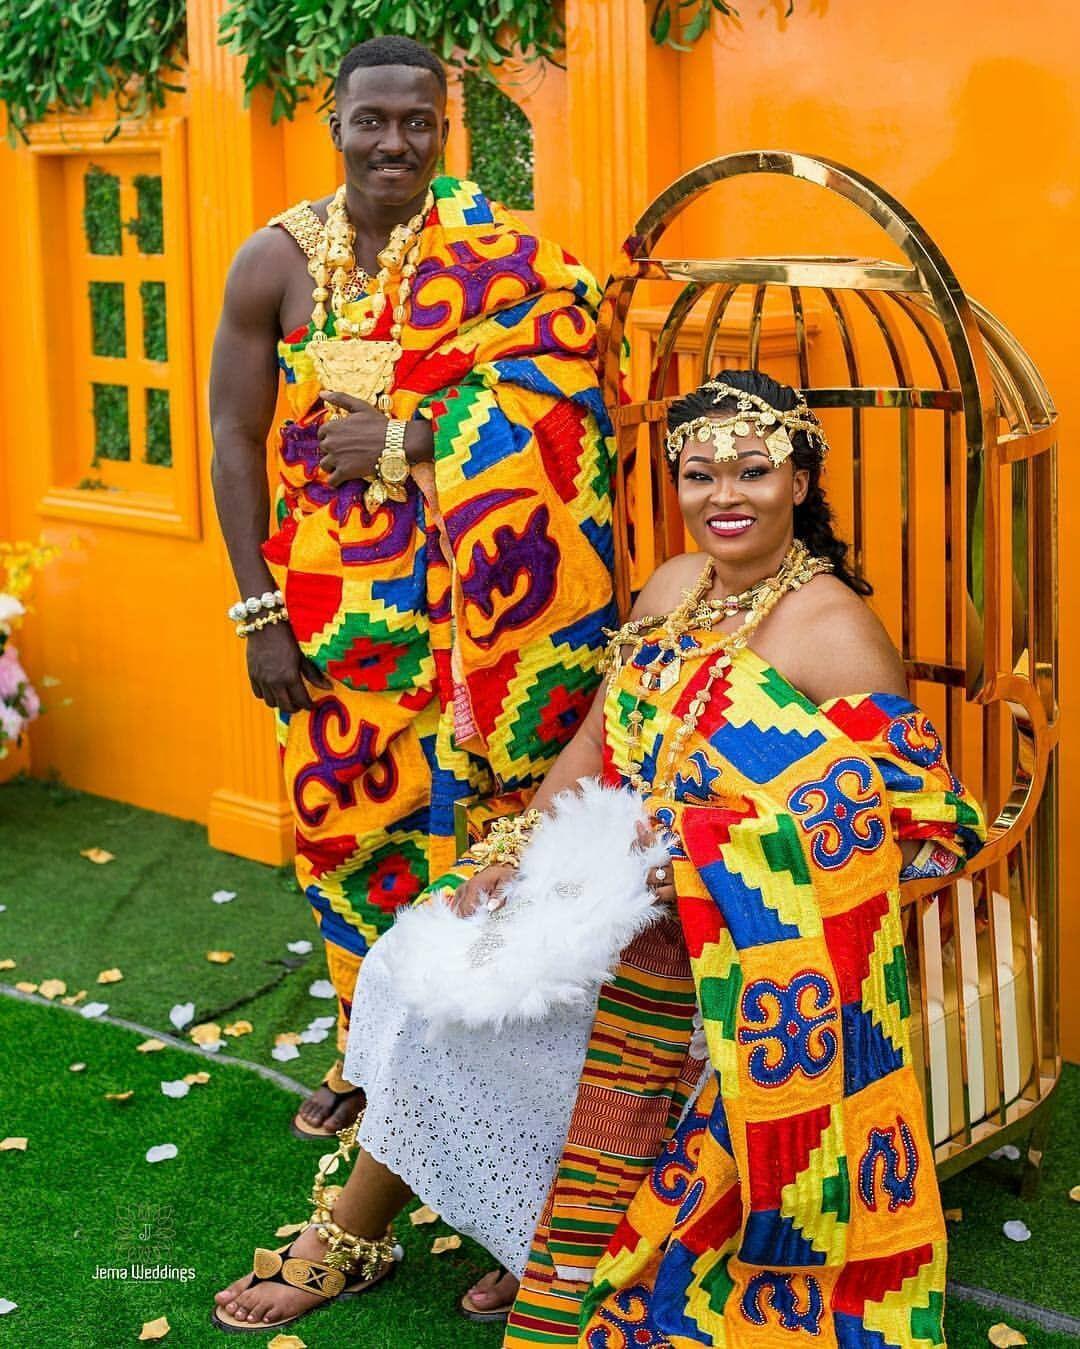 470 Best Traditional wedding Kente dress ideas in 2021 | kente dress, kente  styles, kente